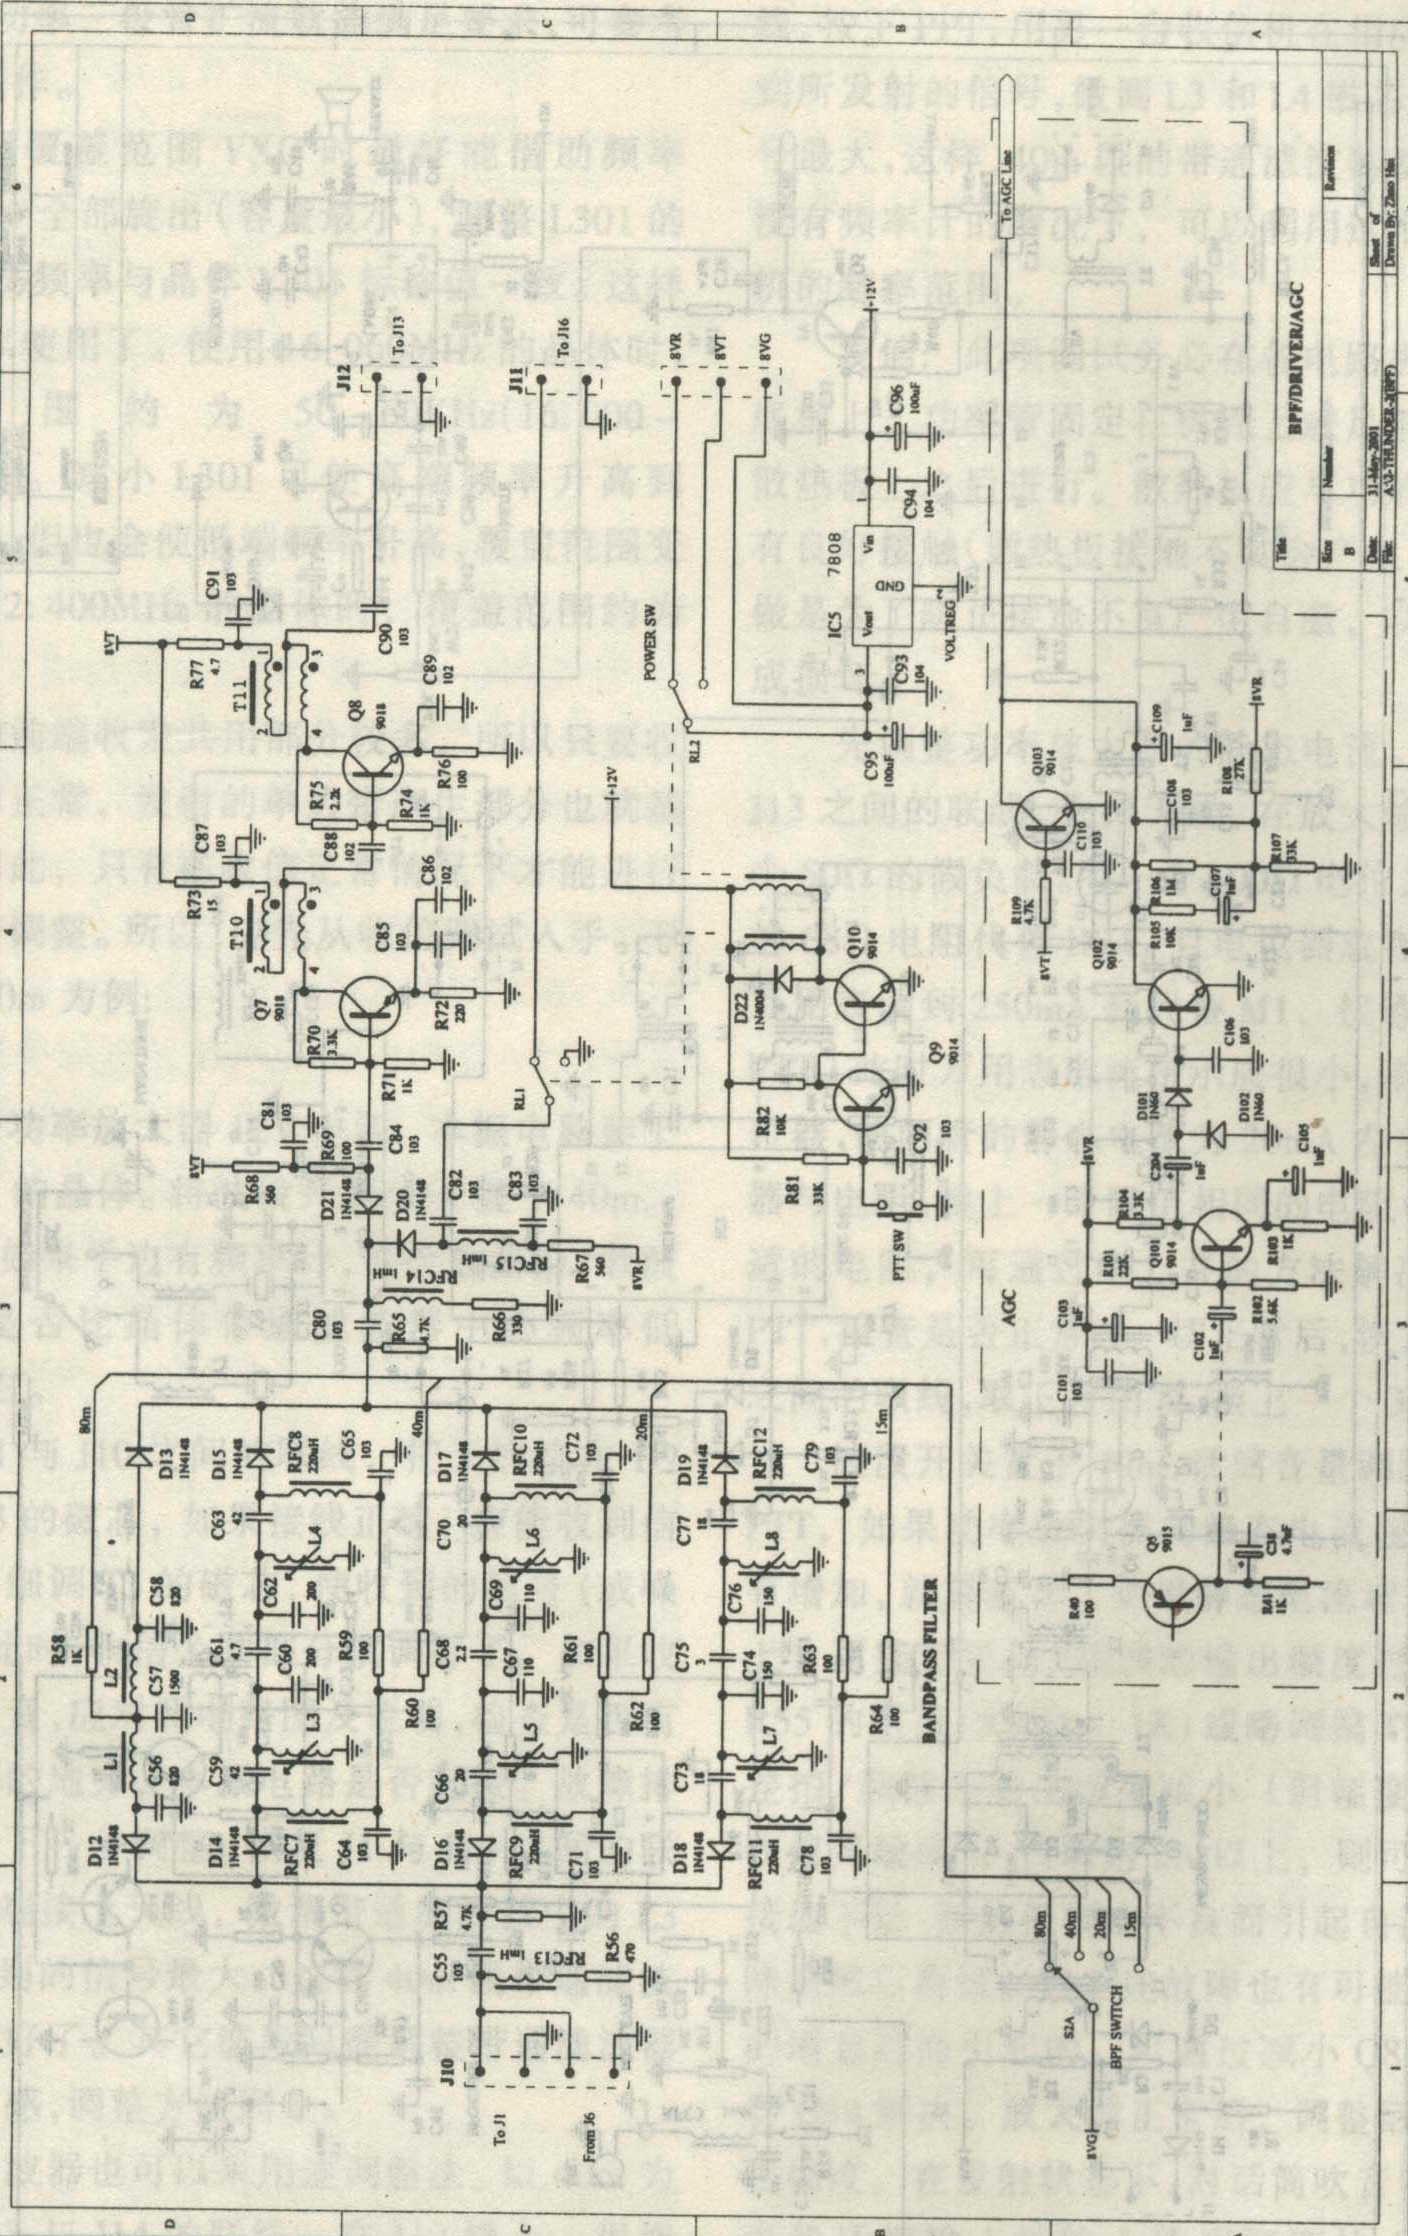 agc电路取自第1张电路图中右边的mc1496输出的音频